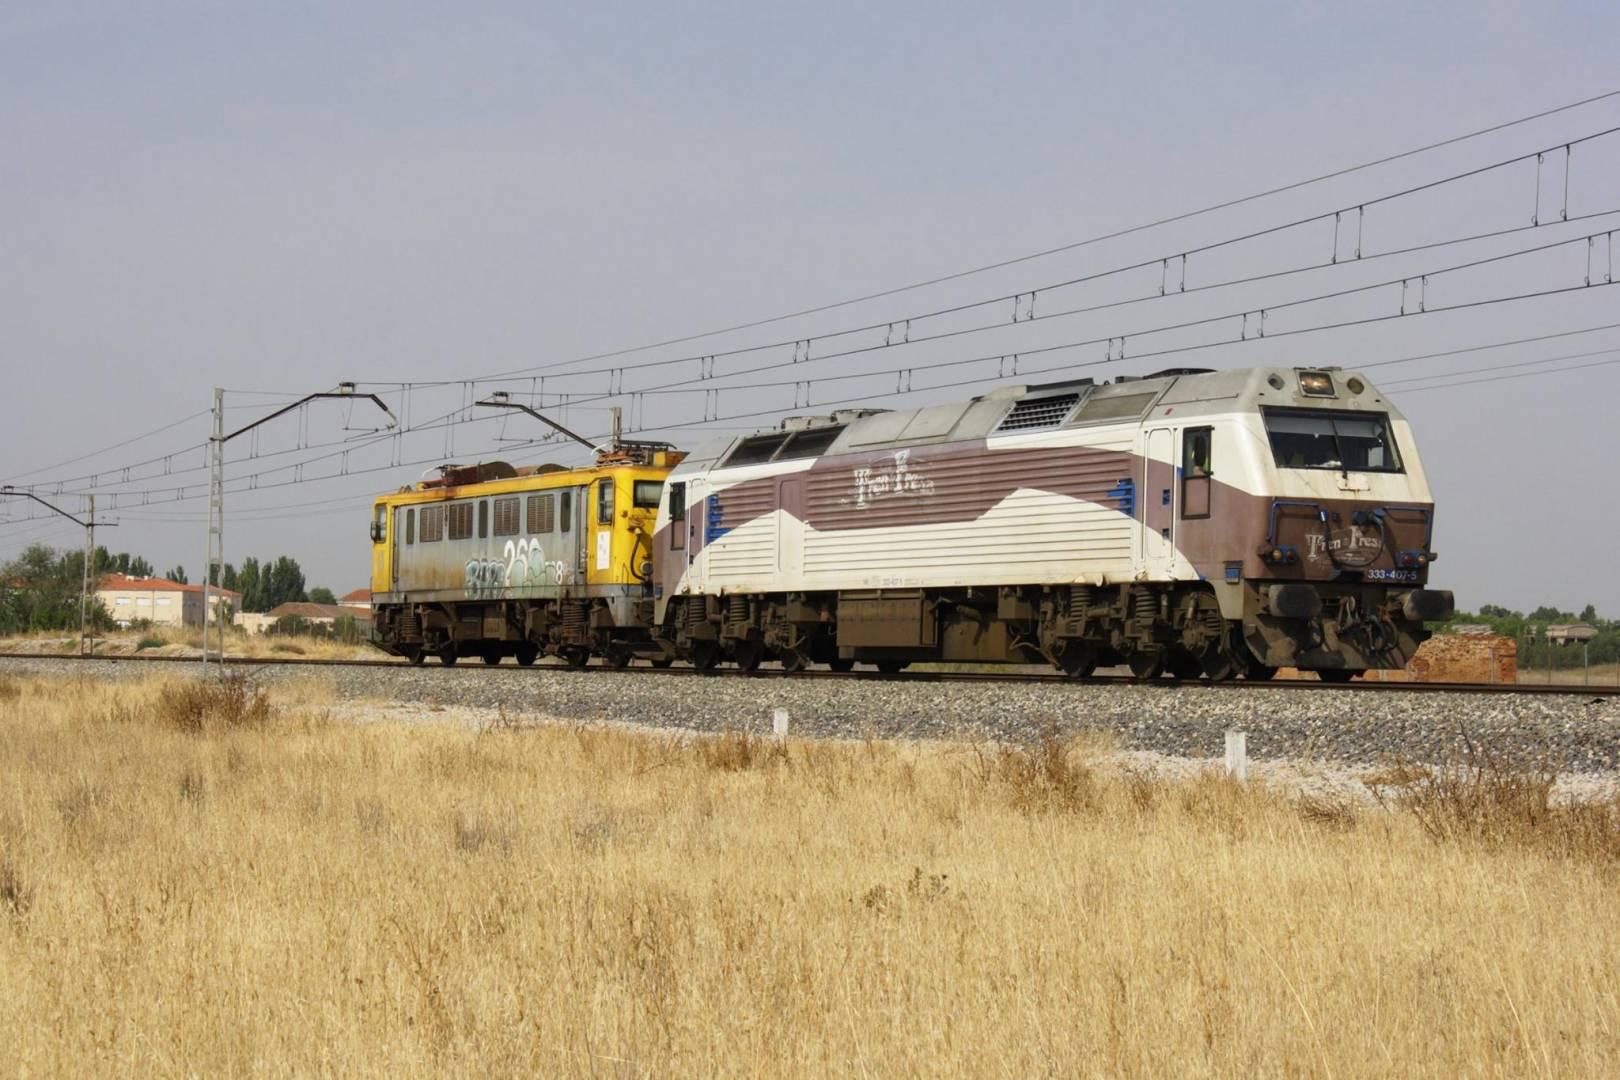 La nueva locomotora histórica 269-508 siendo trasladada a Zaragoza, sede de la AZAFT, por la 333-407. Foto: Daniel Luis González Adenis.